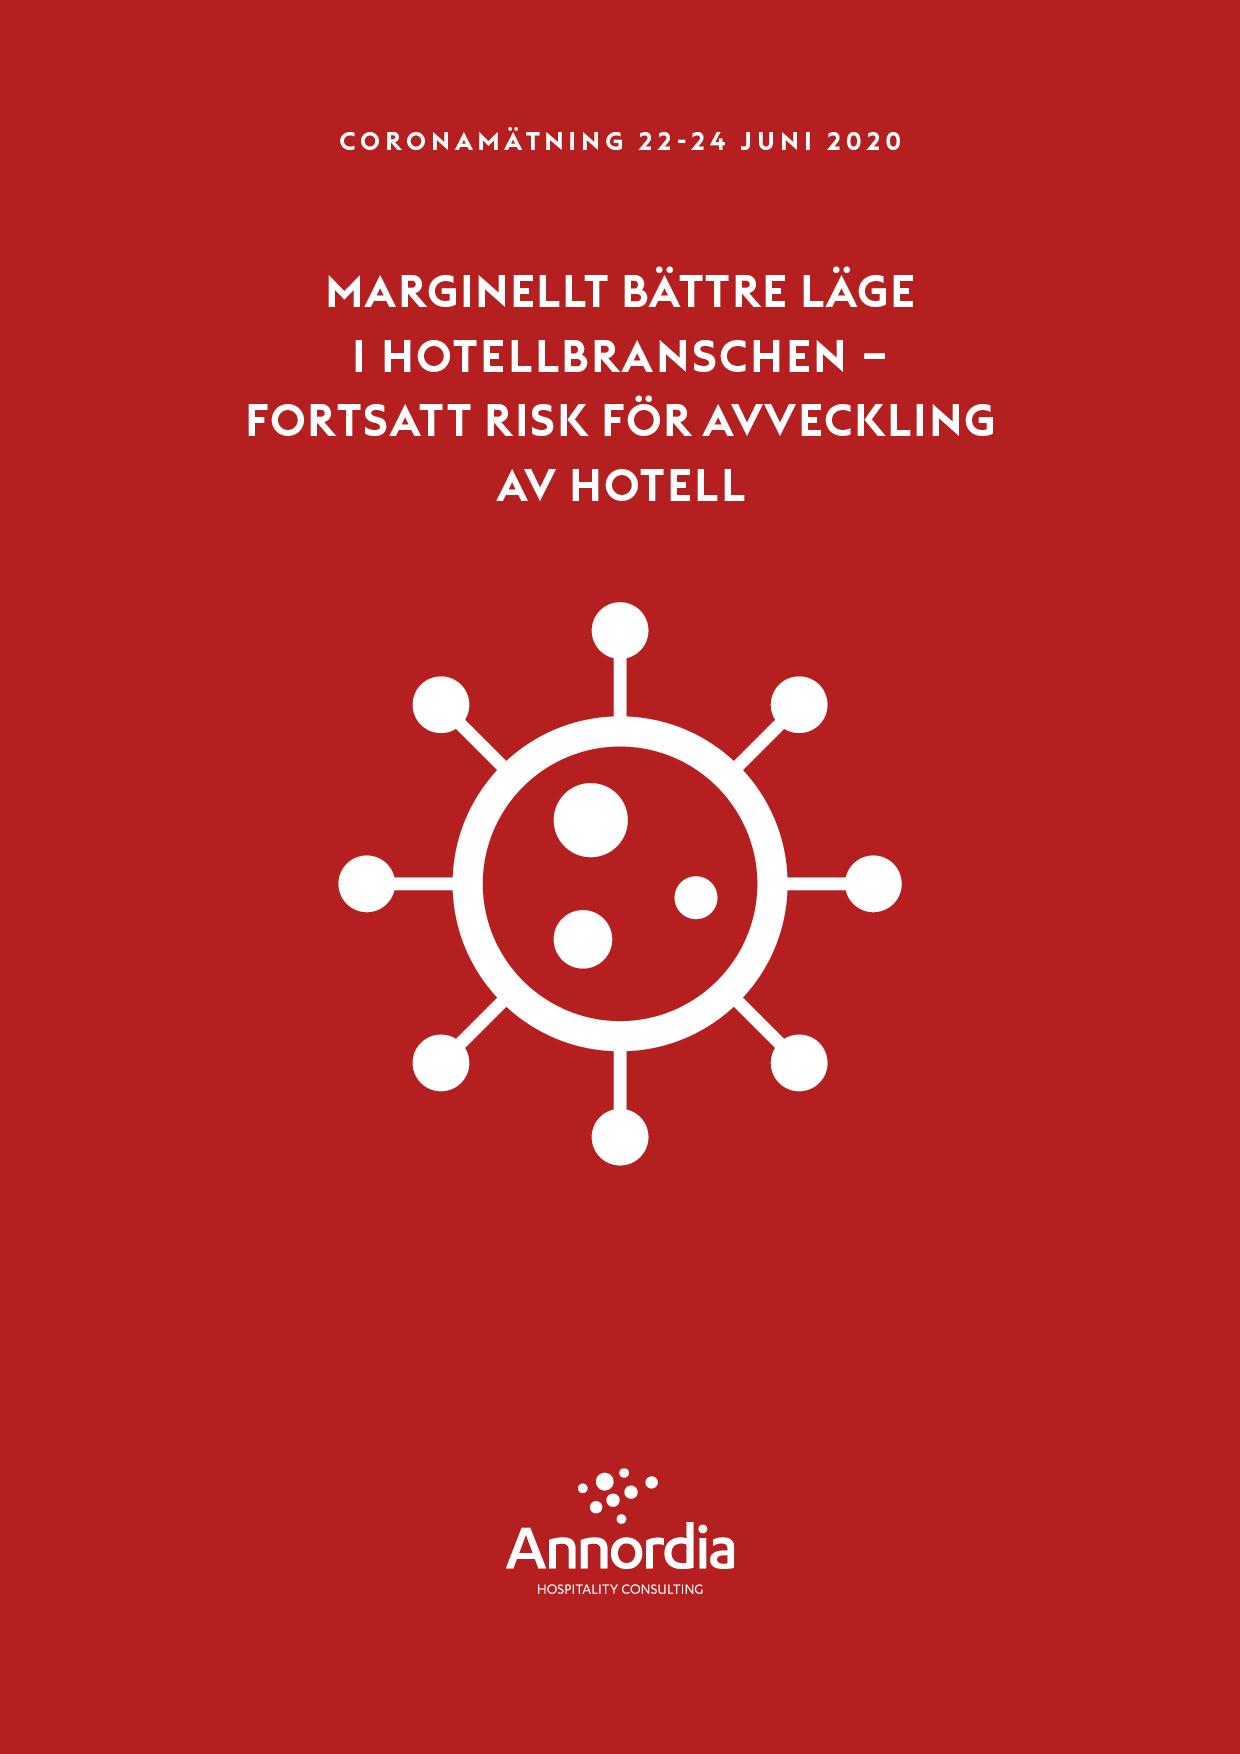 Coronamatning Hotell 22-24 juni 2020.pdf